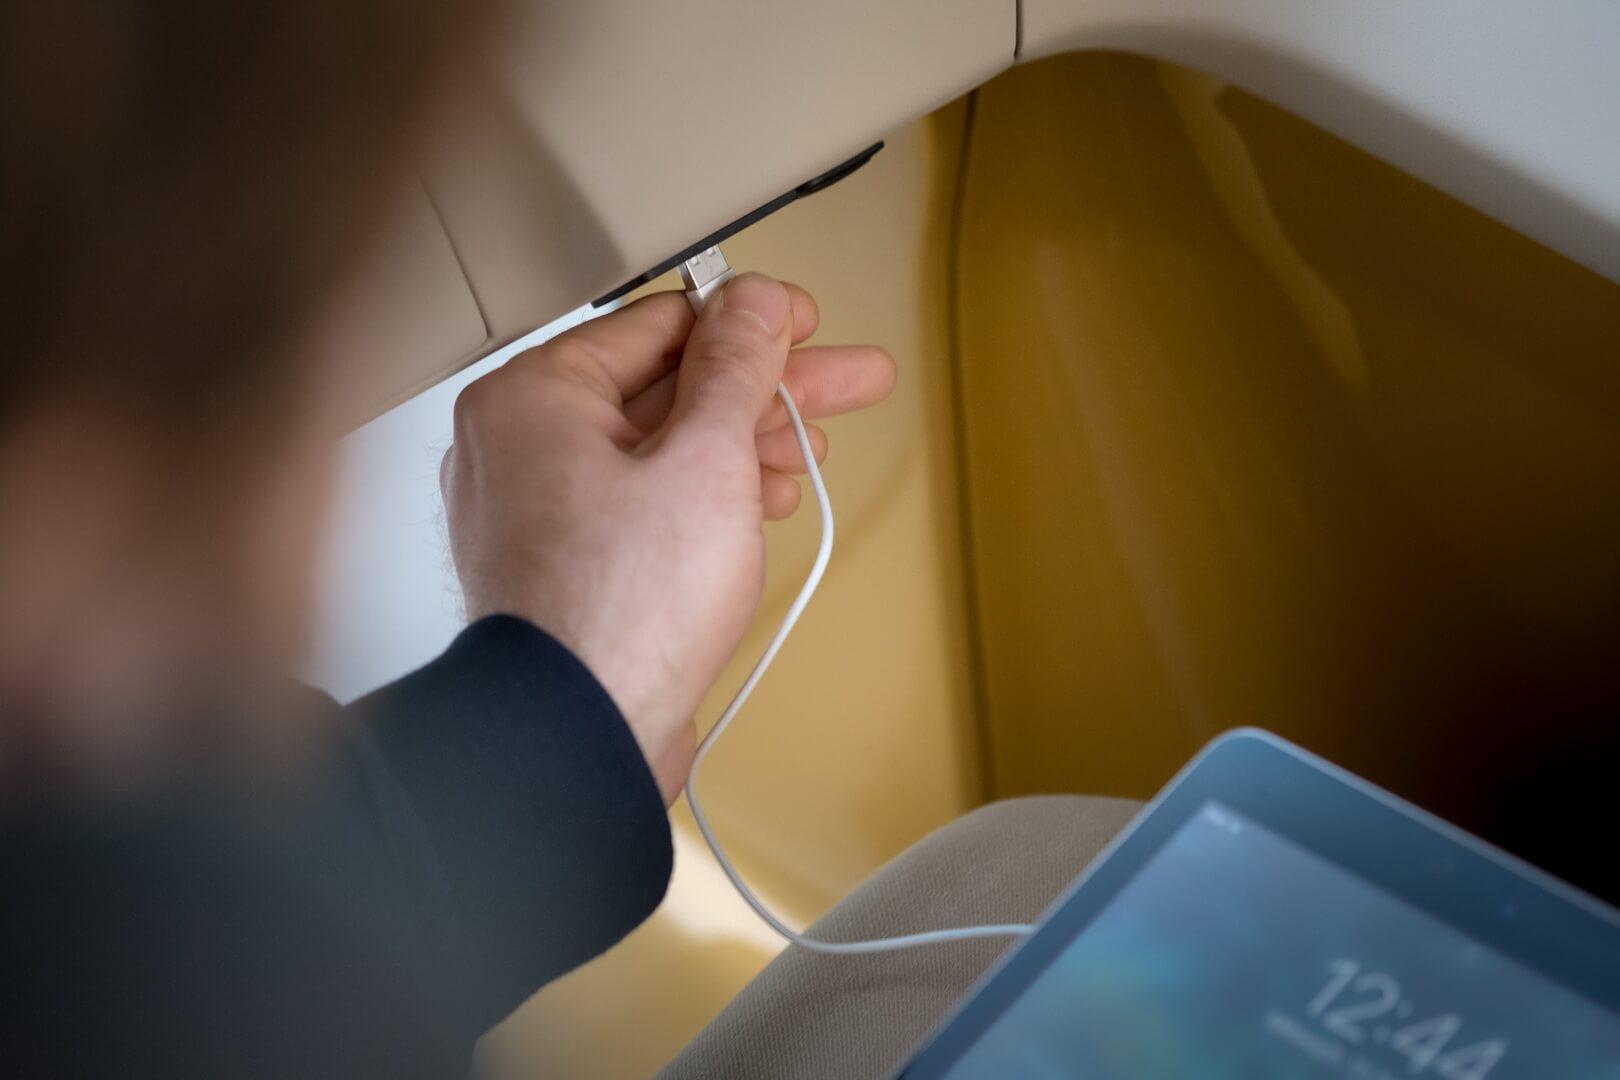 USB-порты для подключения и зарядки гаджетов